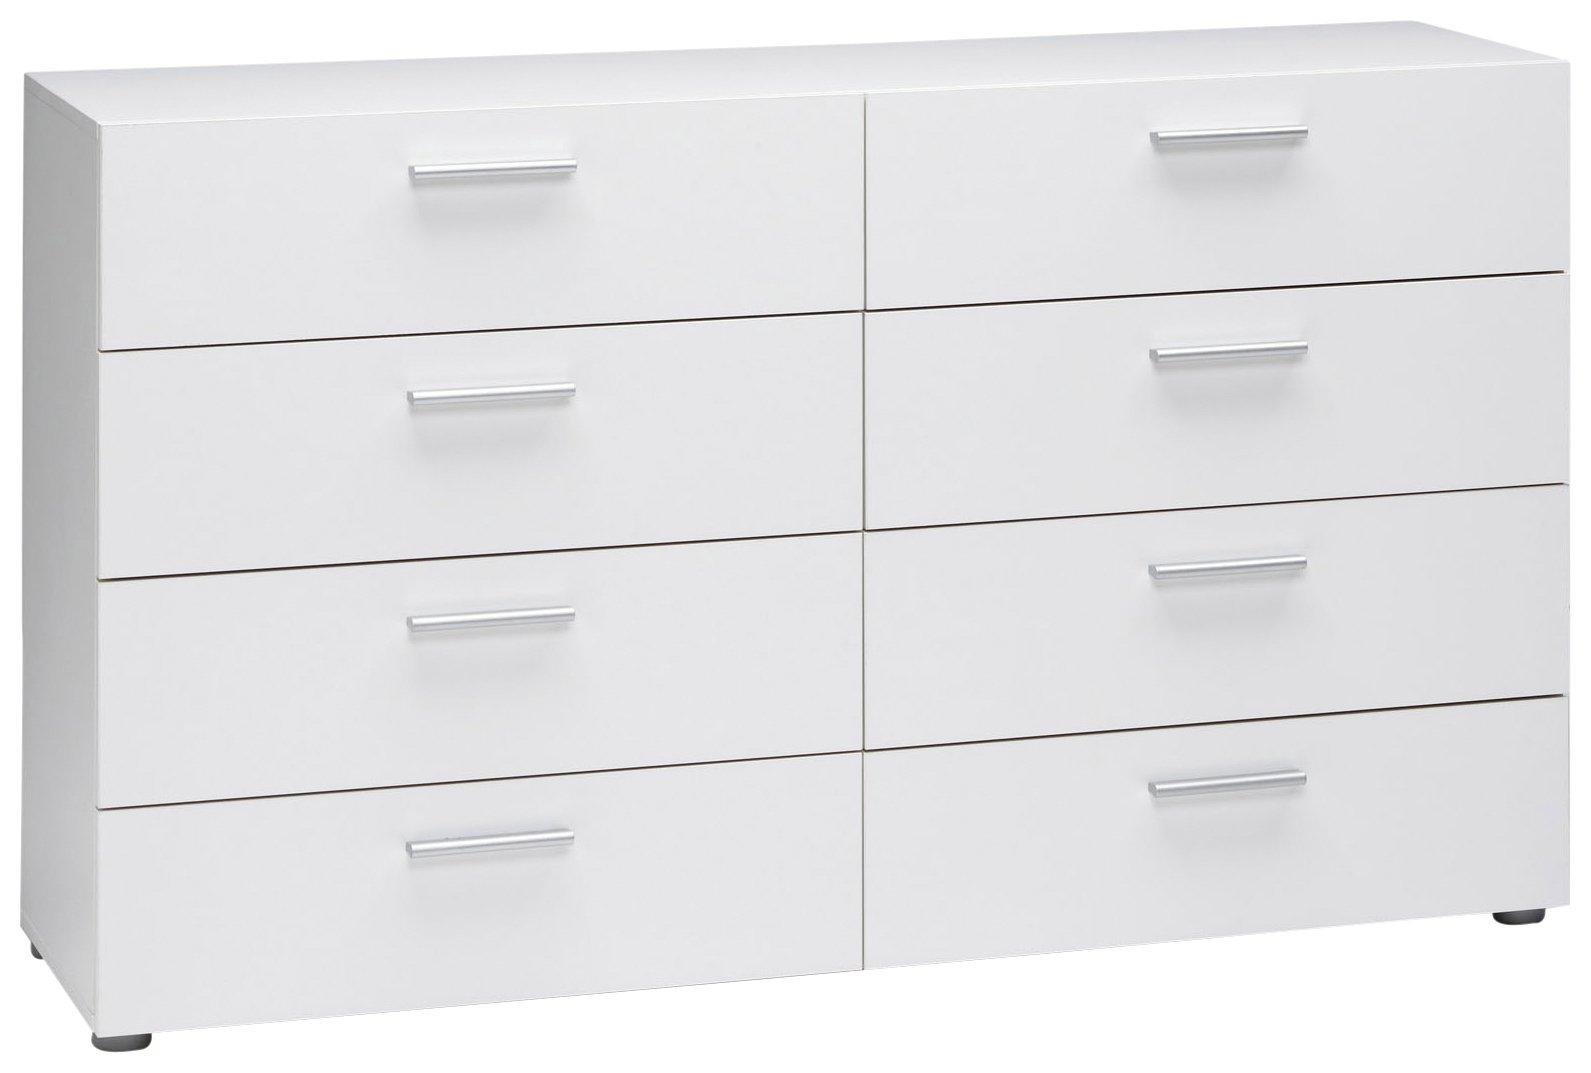 Tvilum Austin 8-Drawer Dresser, White